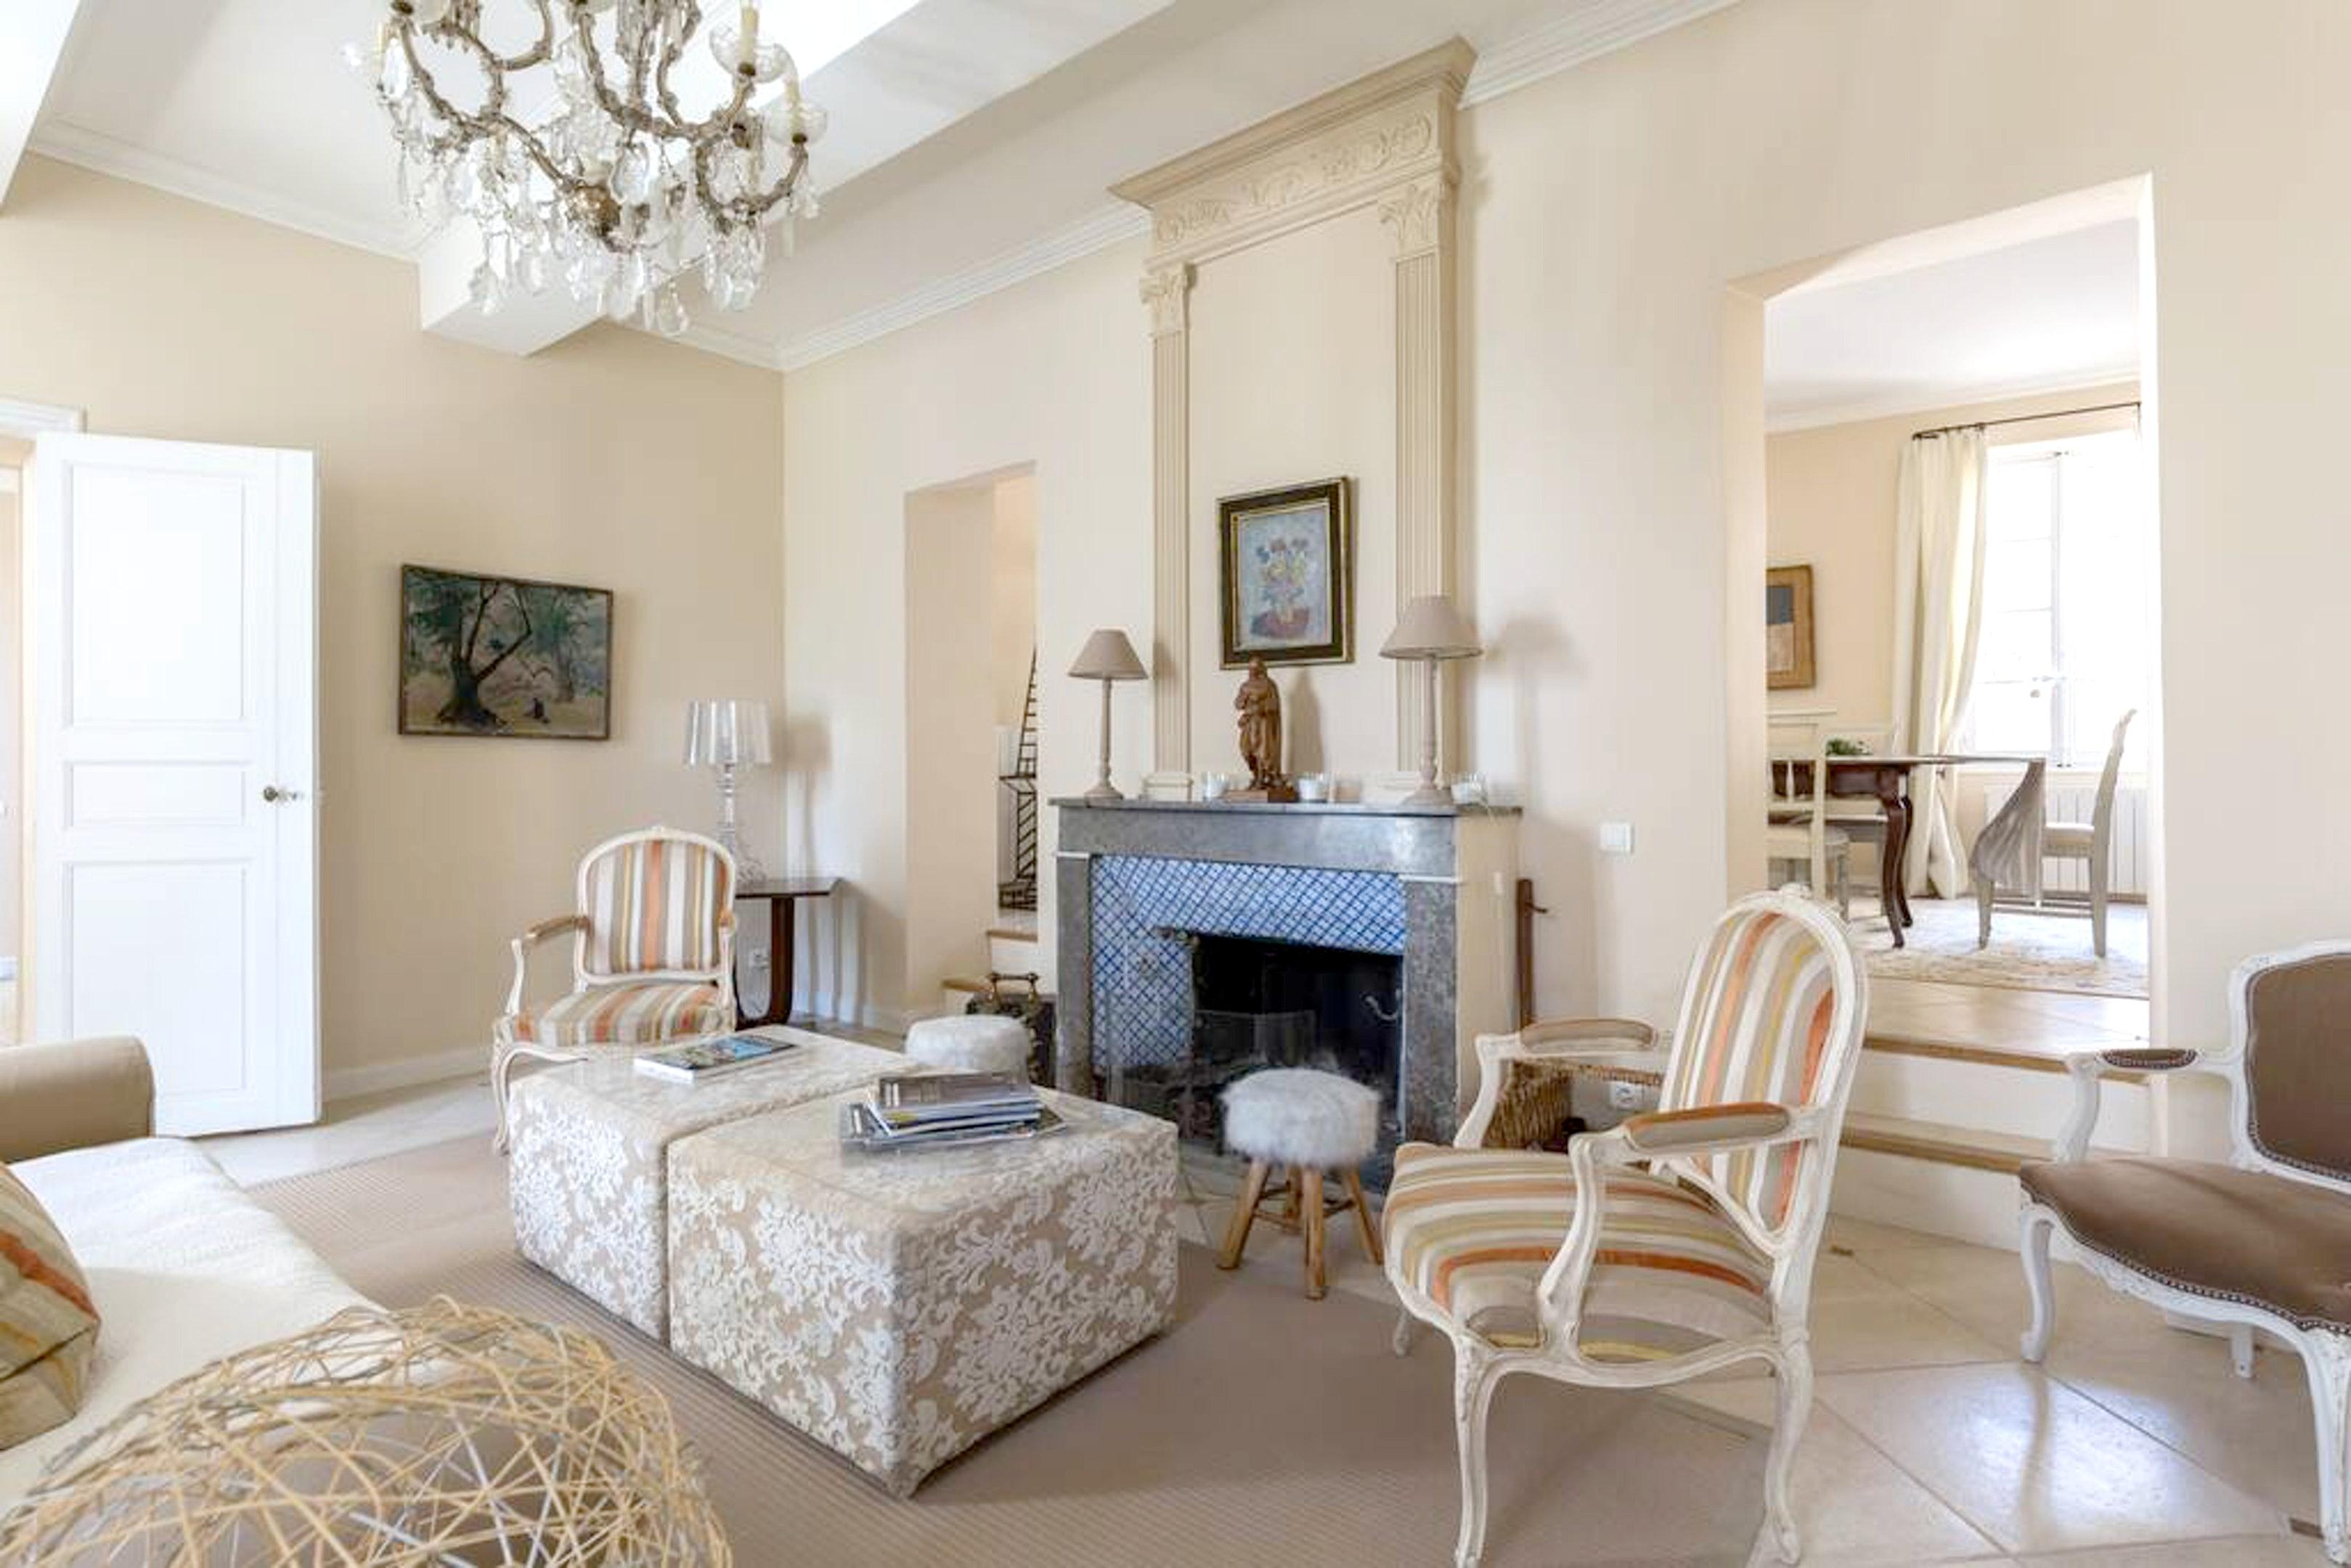 Maison de vacances Villa mit 6 Schlafzimmern in L'Isle-sur-la-Sorgue mit privatem Pool, möbliertem Garten und (2647203), L'Isle sur la Sorgue, Vaucluse, Provence - Alpes - Côte d'Azur, France, image 20